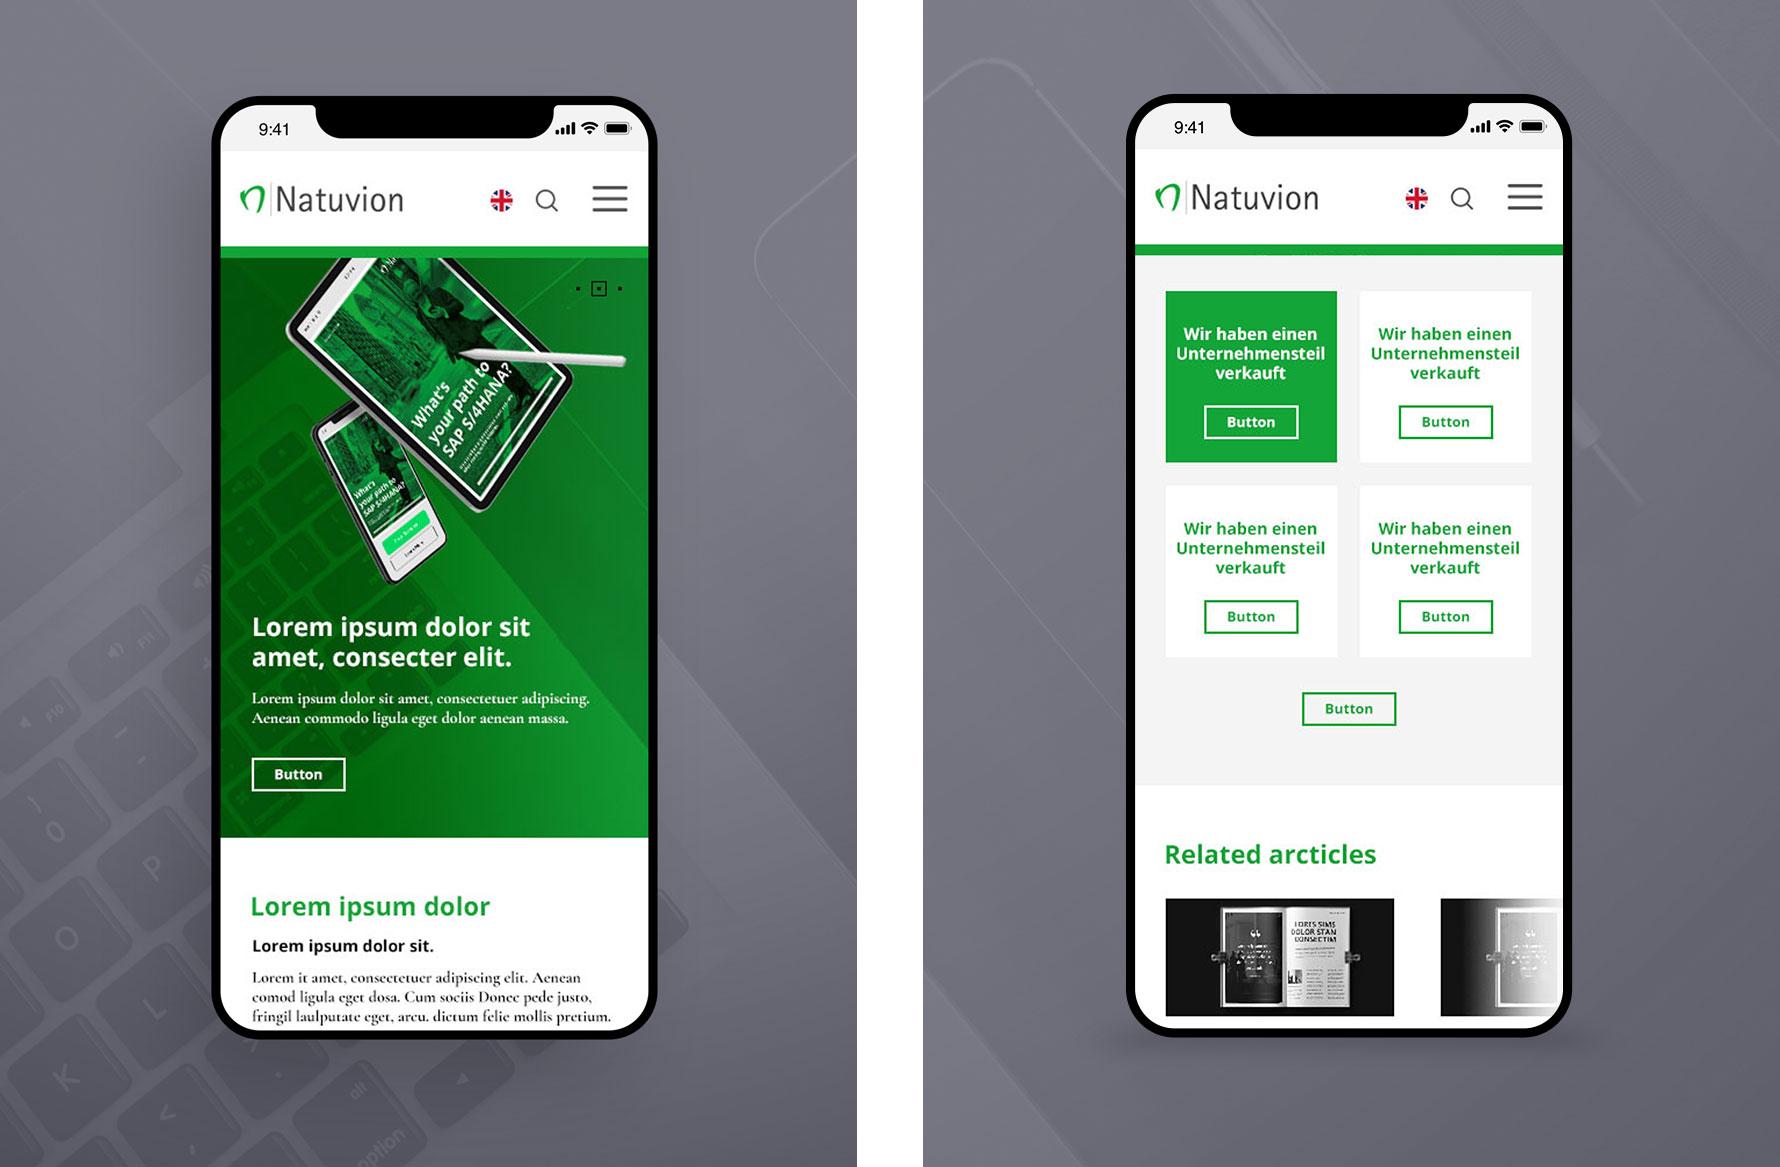 Hüfner Design | Referenz Natuvion | Redesign